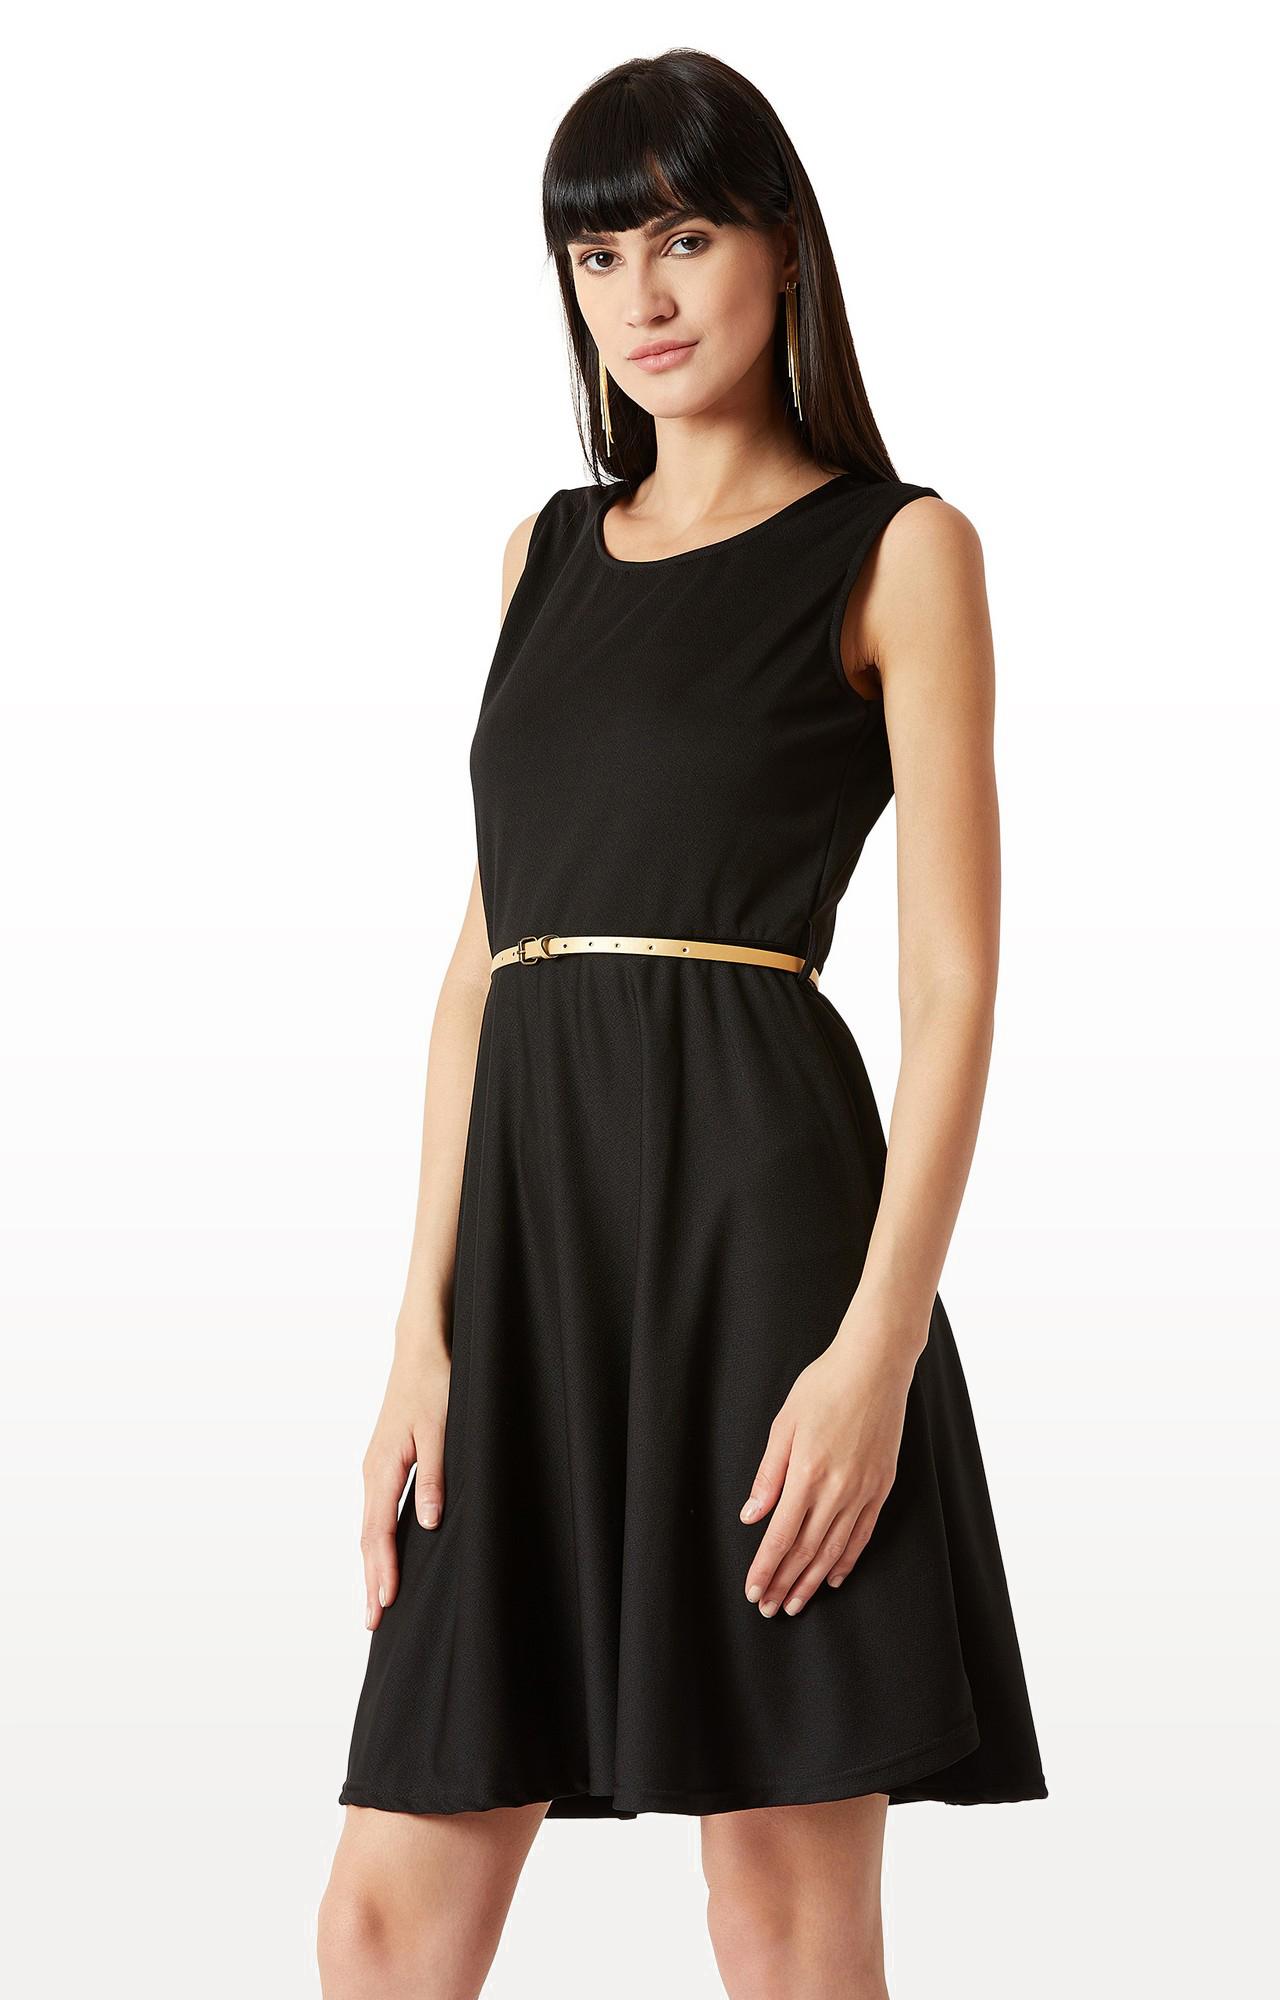 MISS CHASE | Black Solid Belted Knee Long Skater Dress